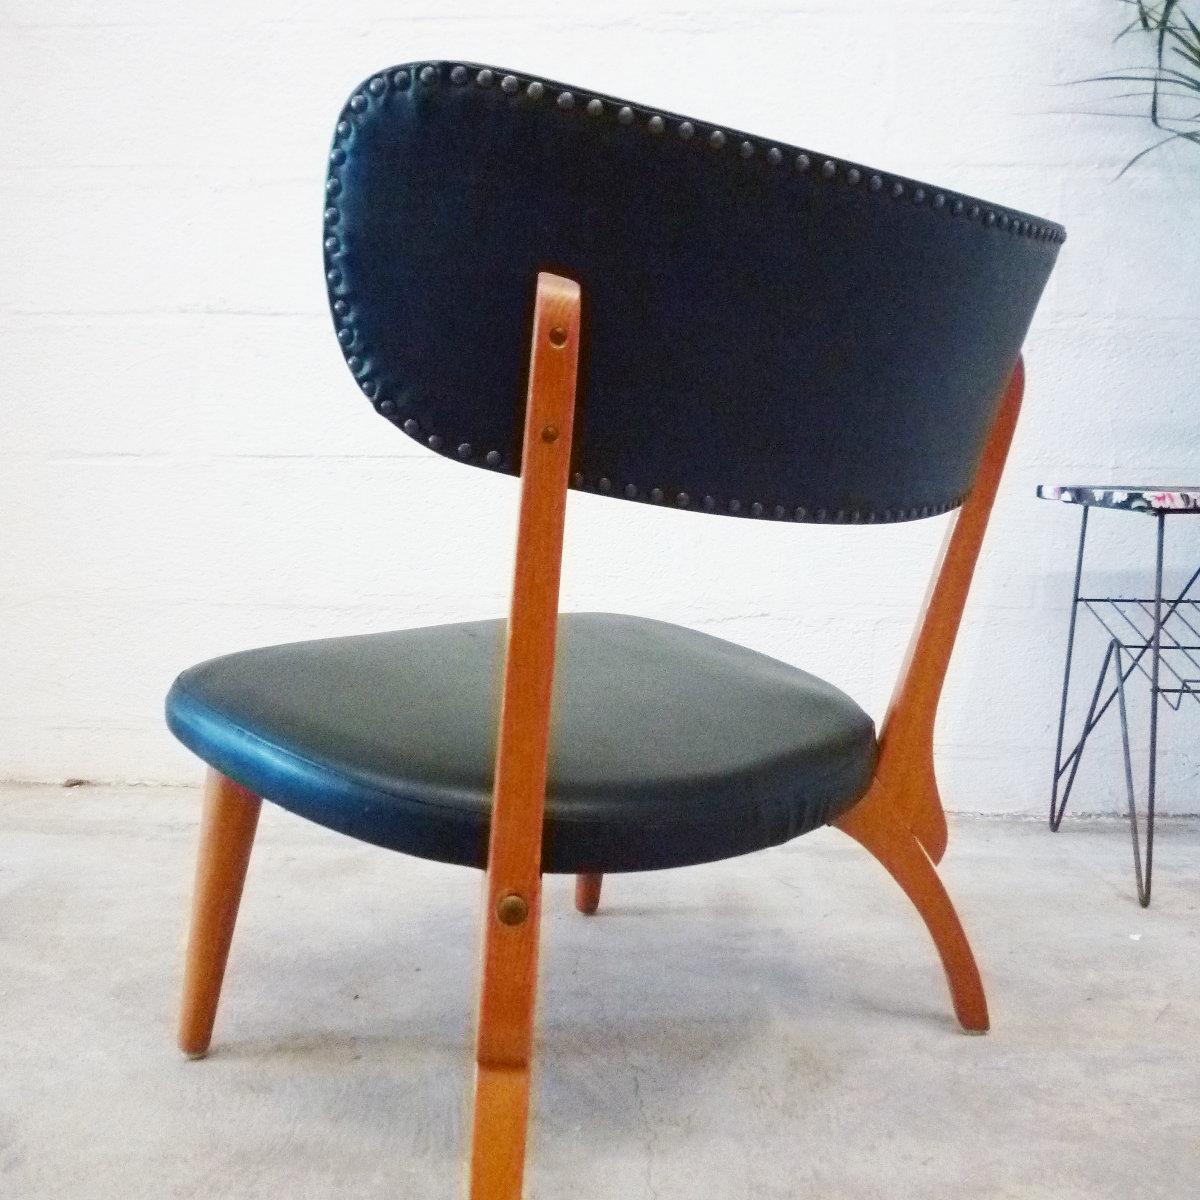 chaise basse de salon nordik dna 2 0